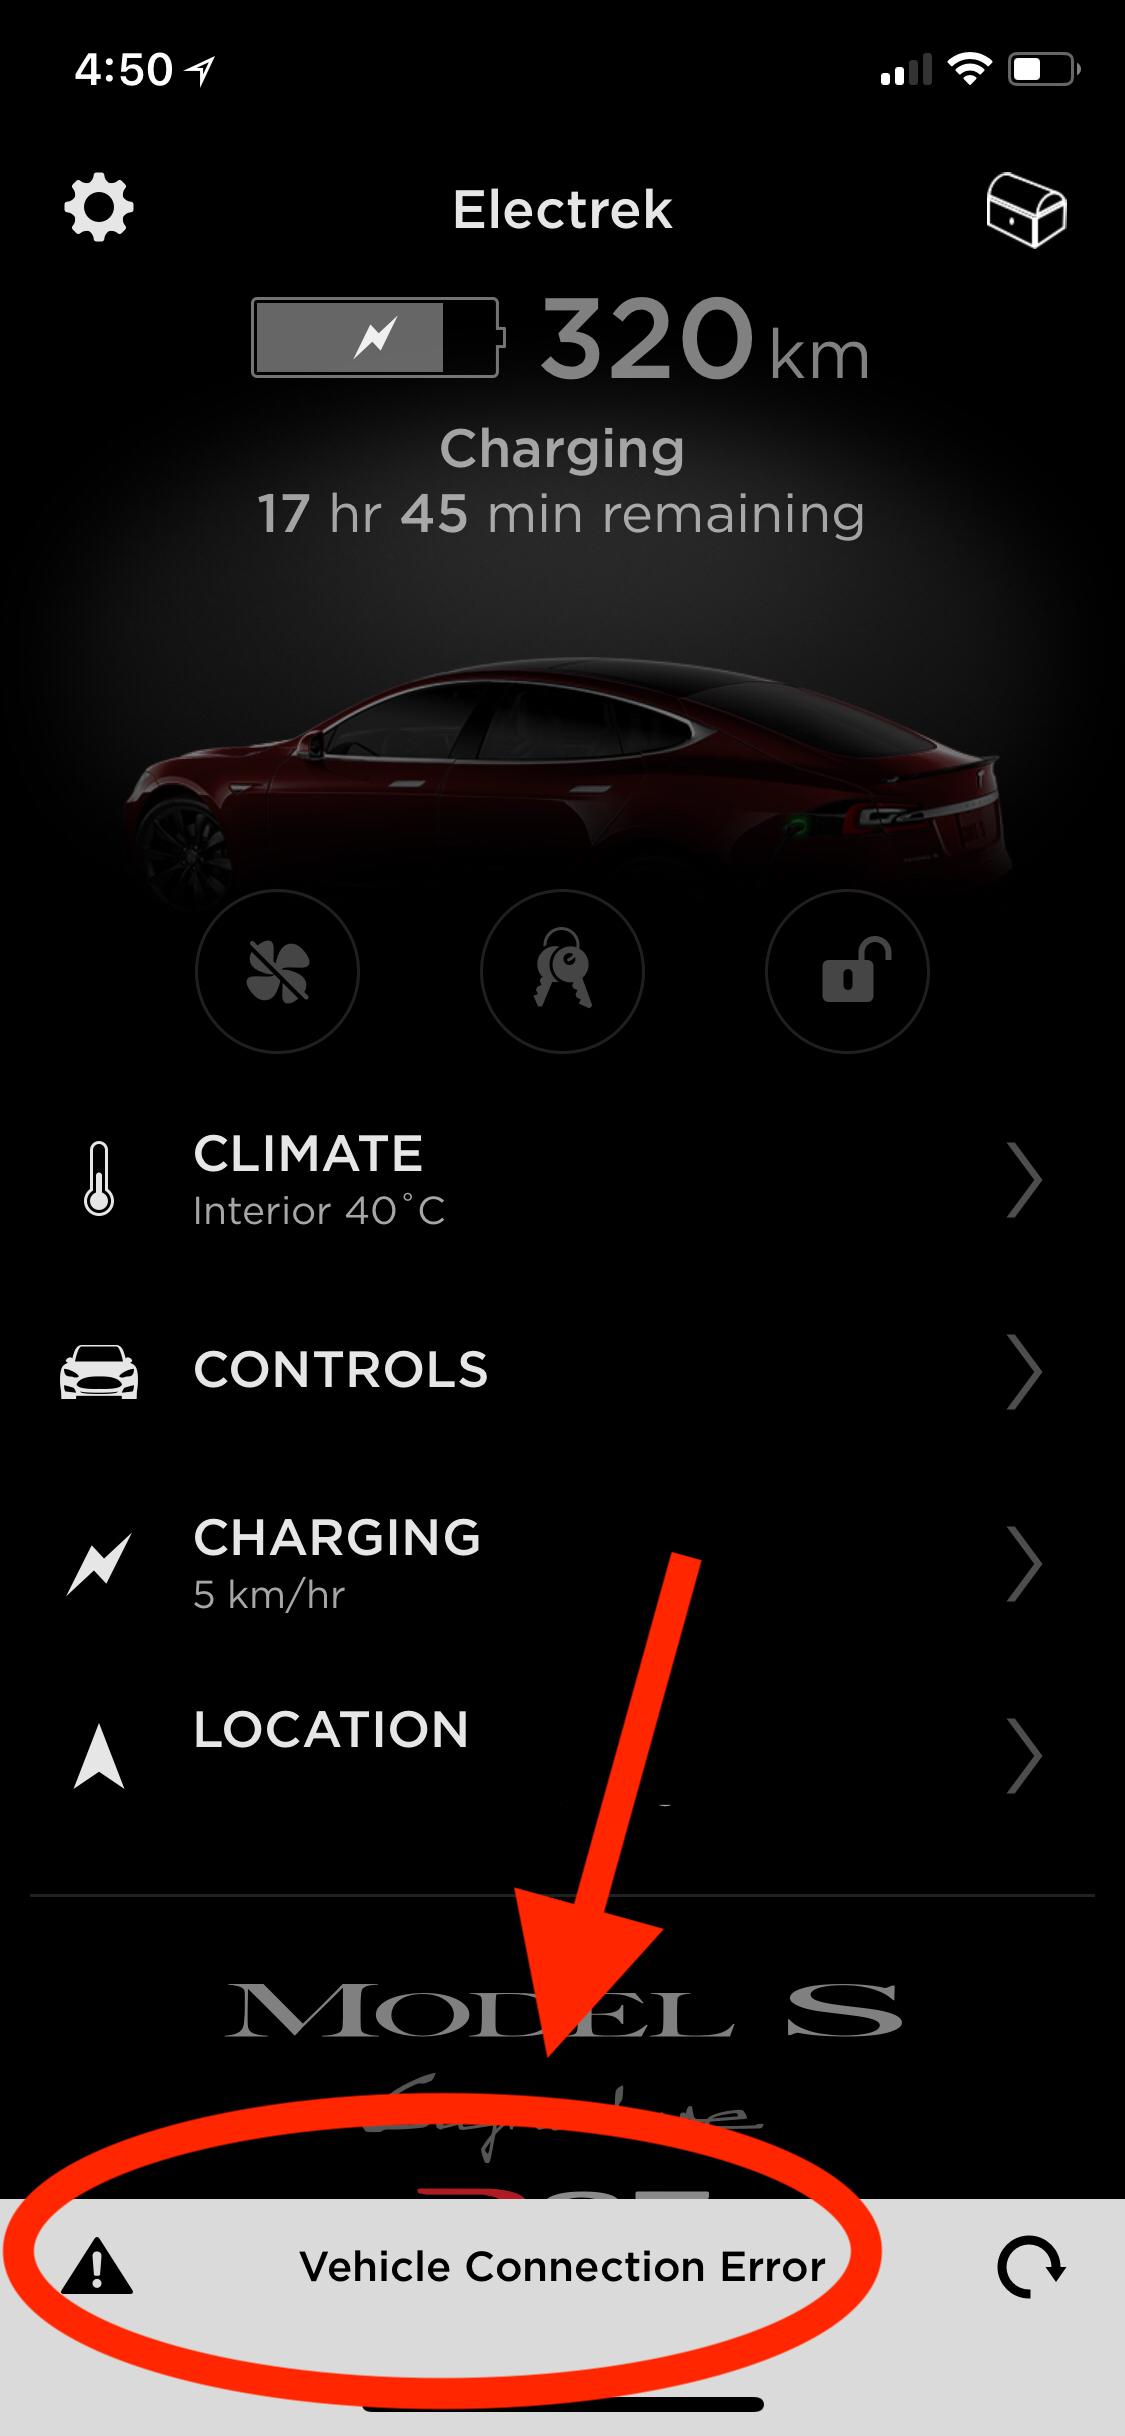 Tesla's fleet internet network is down [Updated] - Electrek